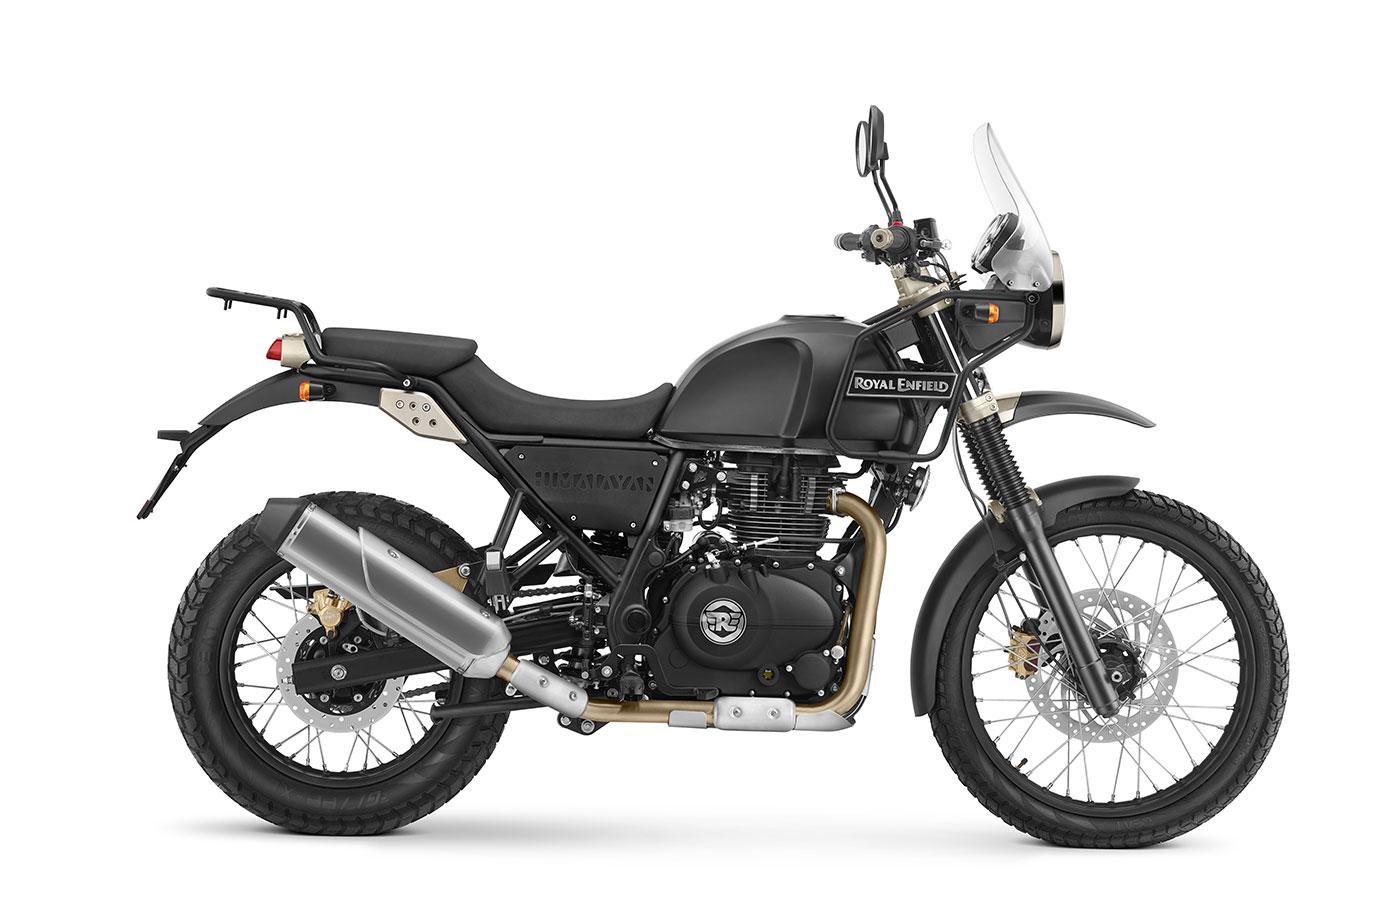 viajando en moto royal enfield himalayan. Black Bedroom Furniture Sets. Home Design Ideas